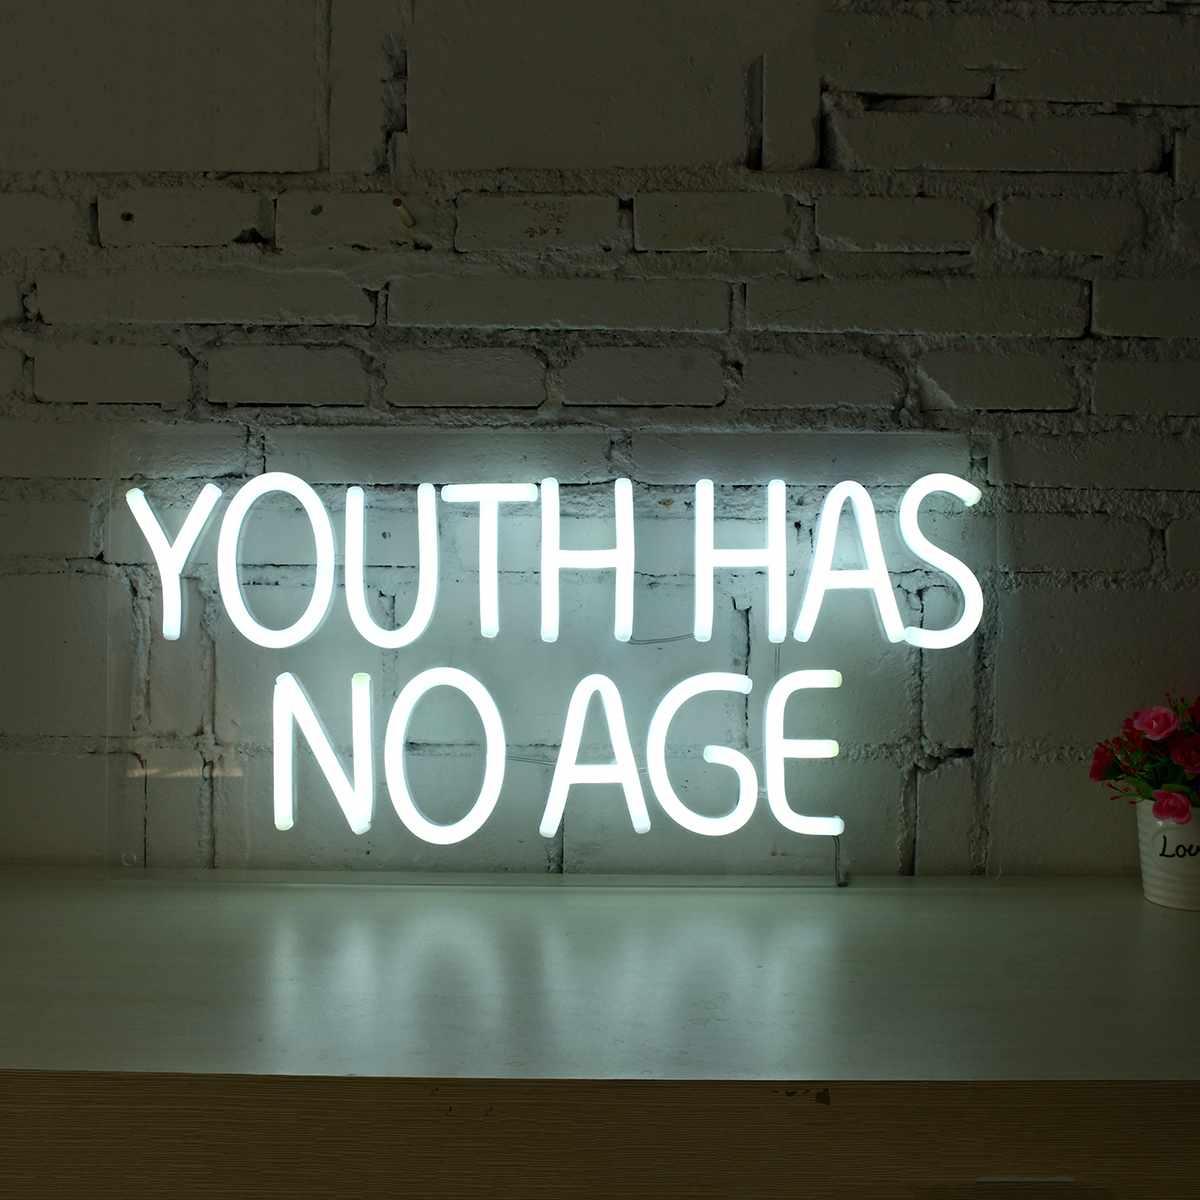 LED jeunesse n'a pas d'âge néon enseigne Tube lampe illustration visuelle Bar Pub Club mur décor lumière conseil maison bureau décoration cadeaux